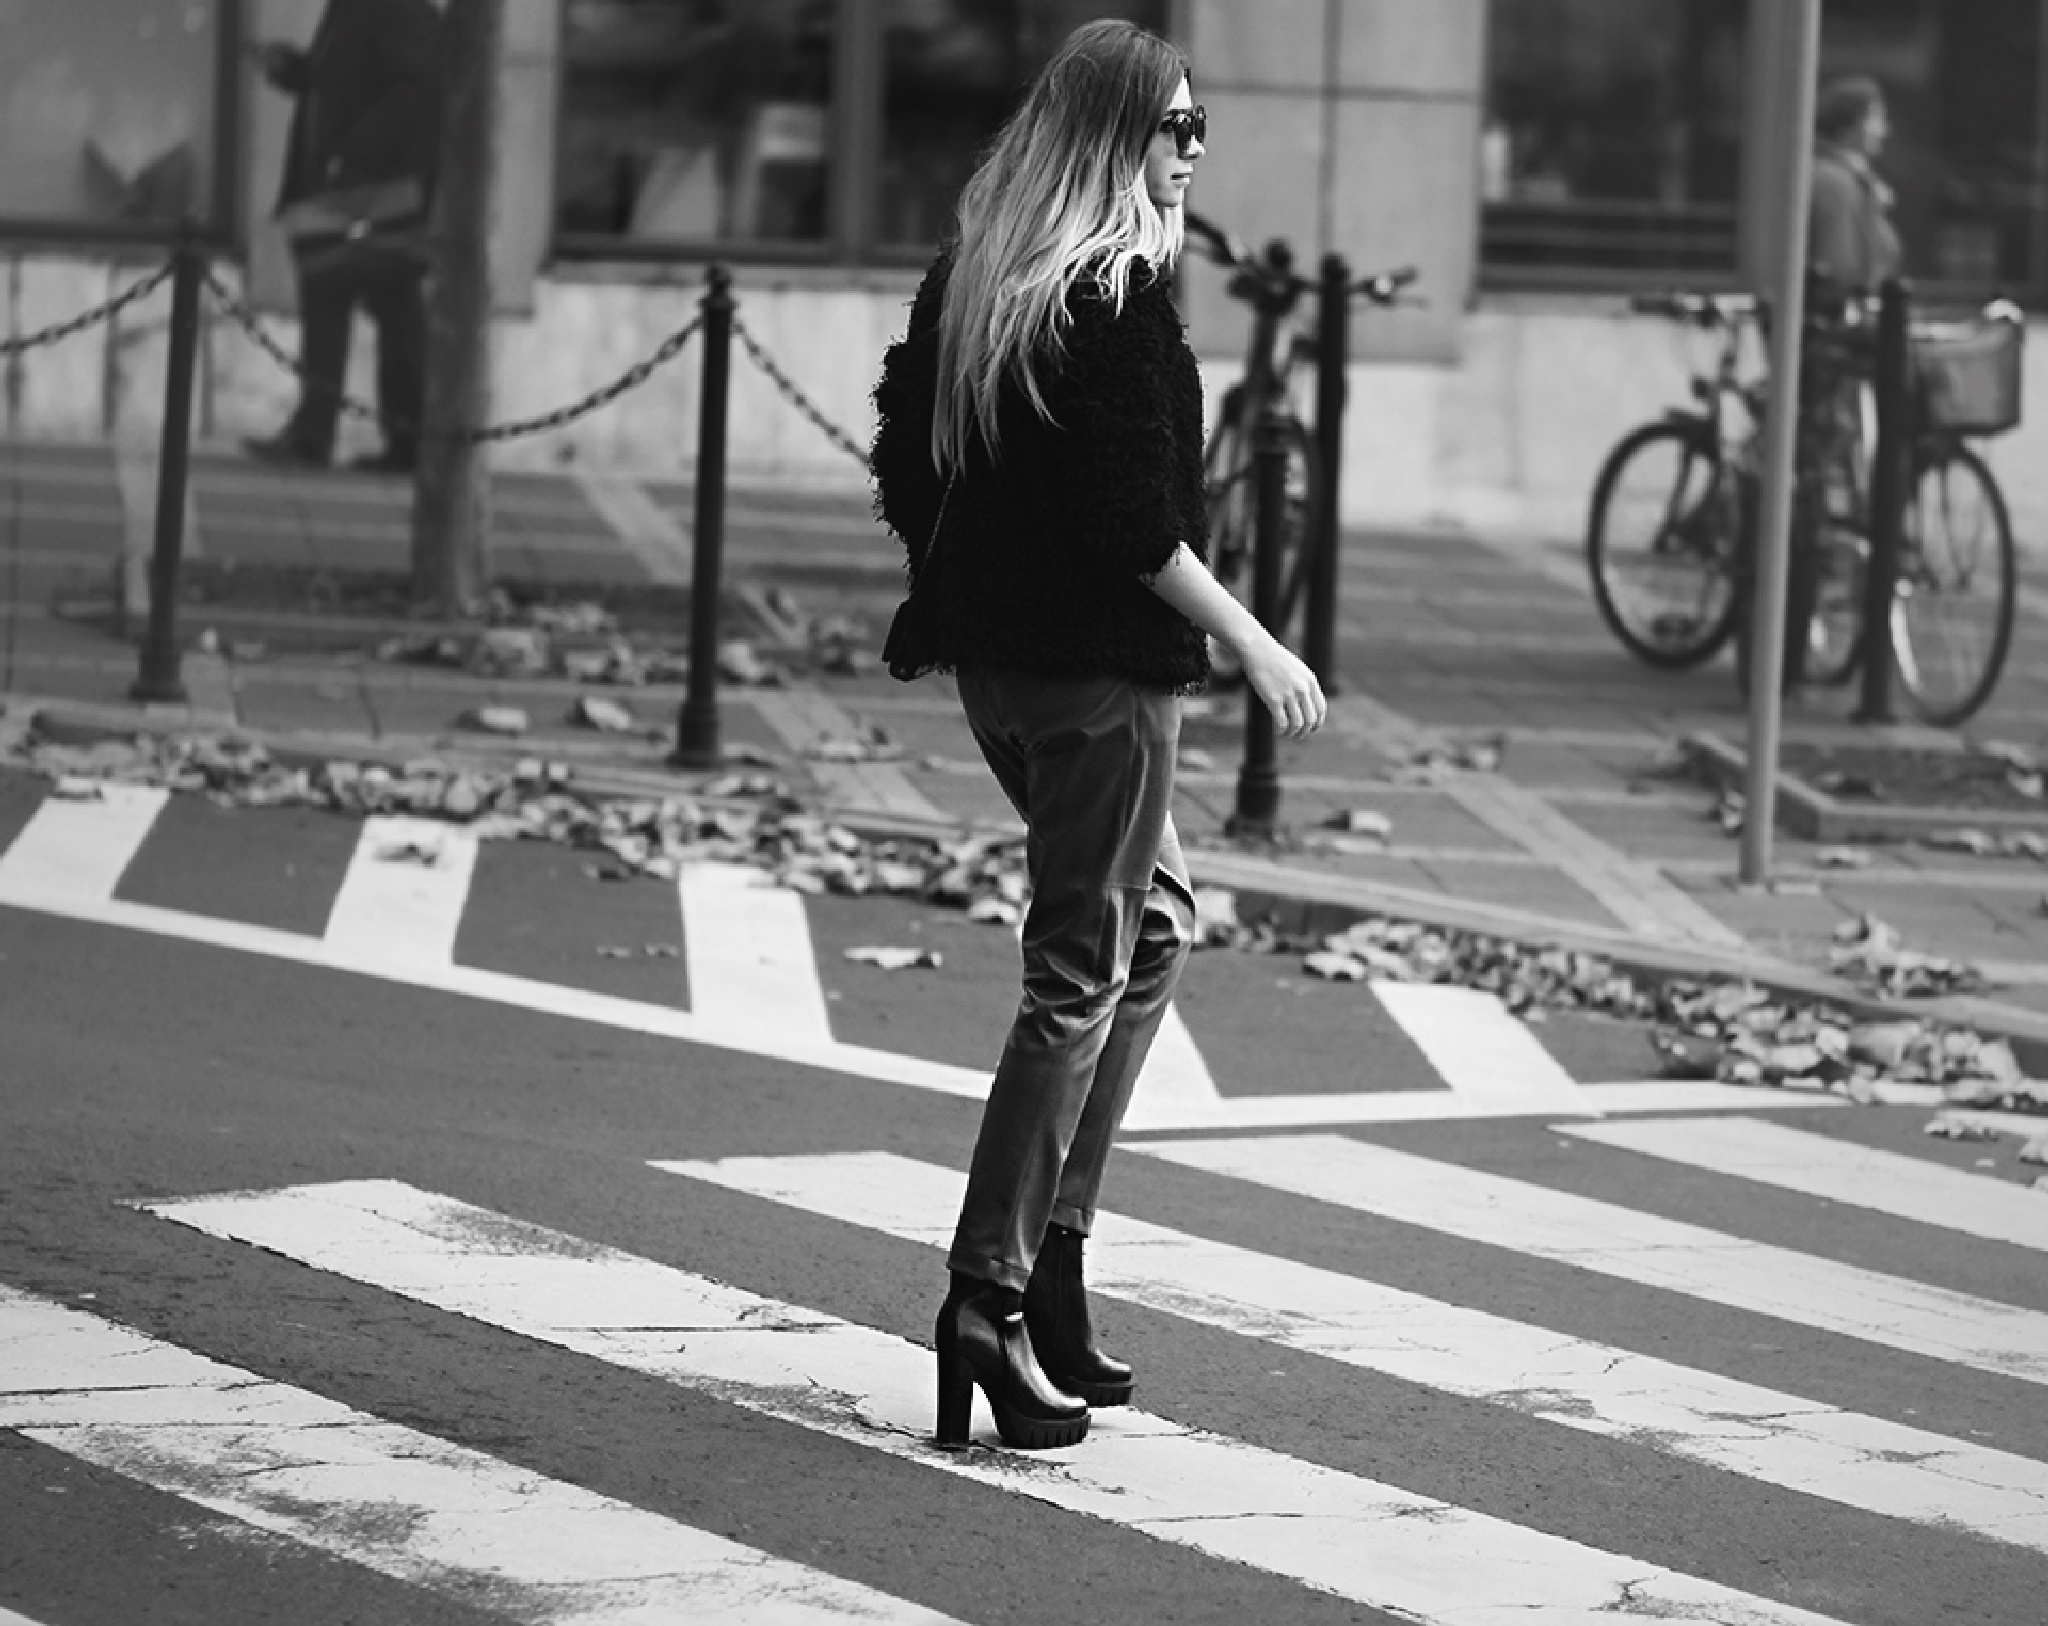 Street Fashion II by Kasia Pilch / chocarome